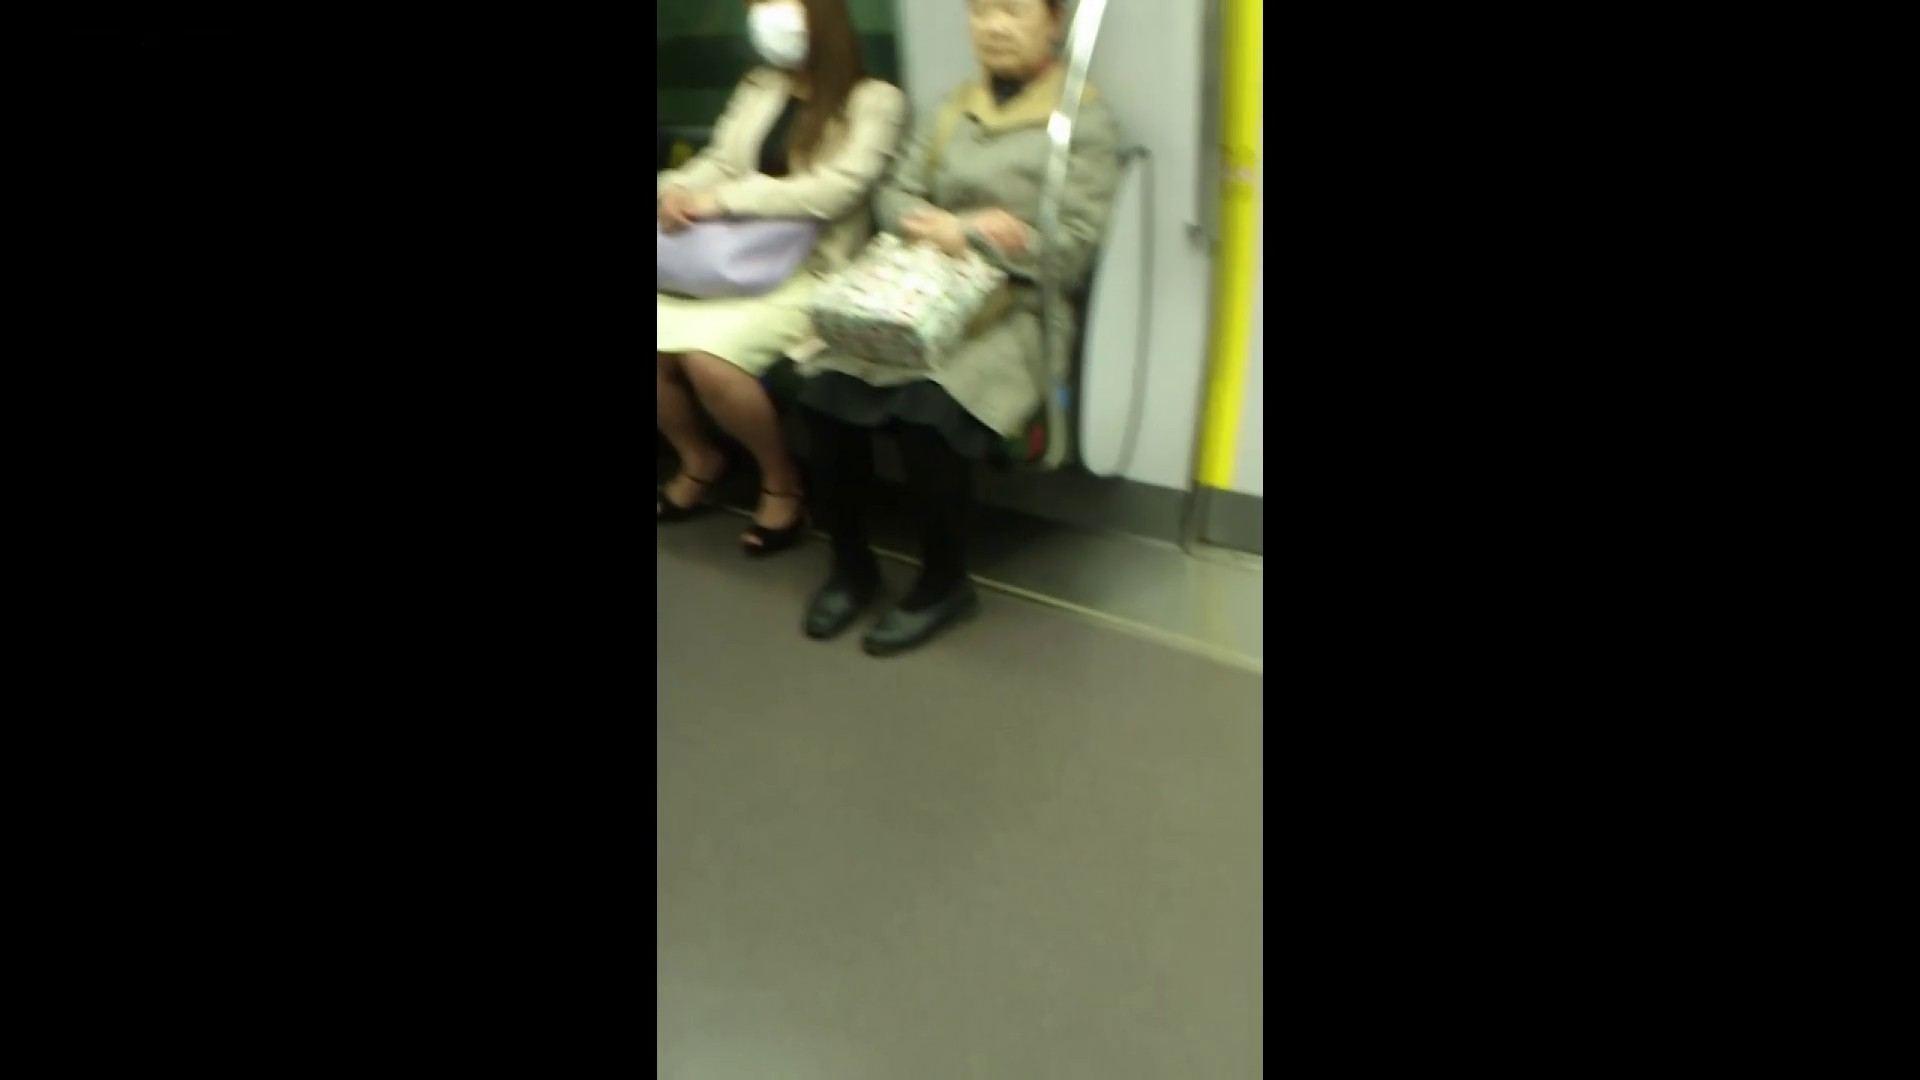 盗撮列車 Vol.55 黄色の爽やかなスカートが大好きです。 パンチラ女子 濡れ場動画紹介 89枚 89